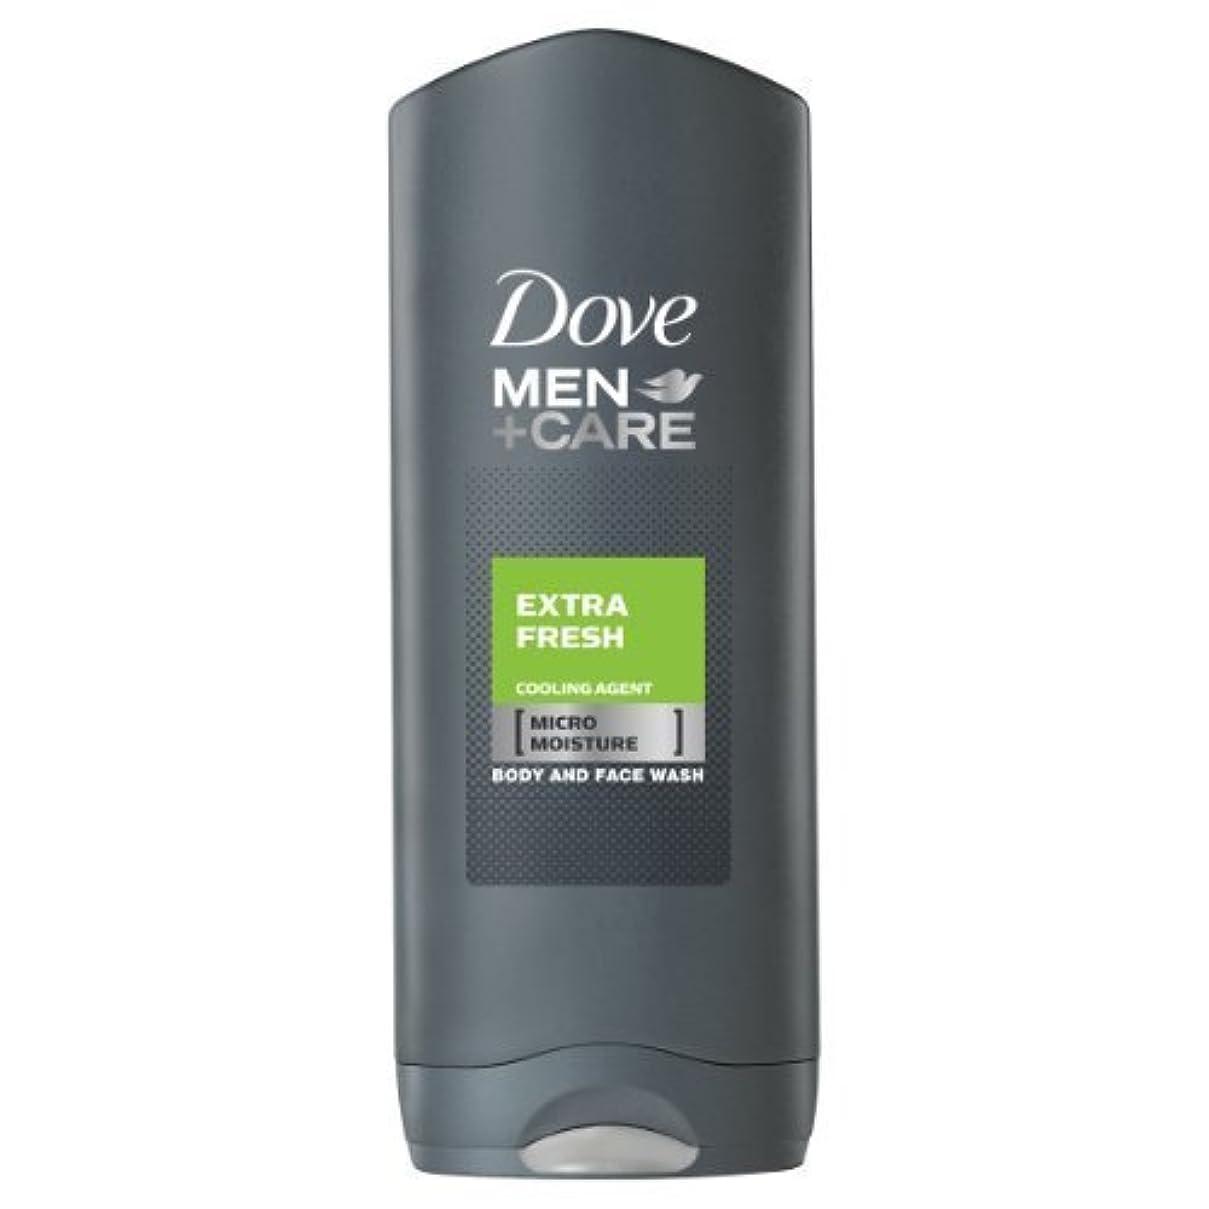 朝の体操をする代替案ボルトDove for Men Extra Fresh Body and Face Wash 250 ml by Dove [並行輸入品]